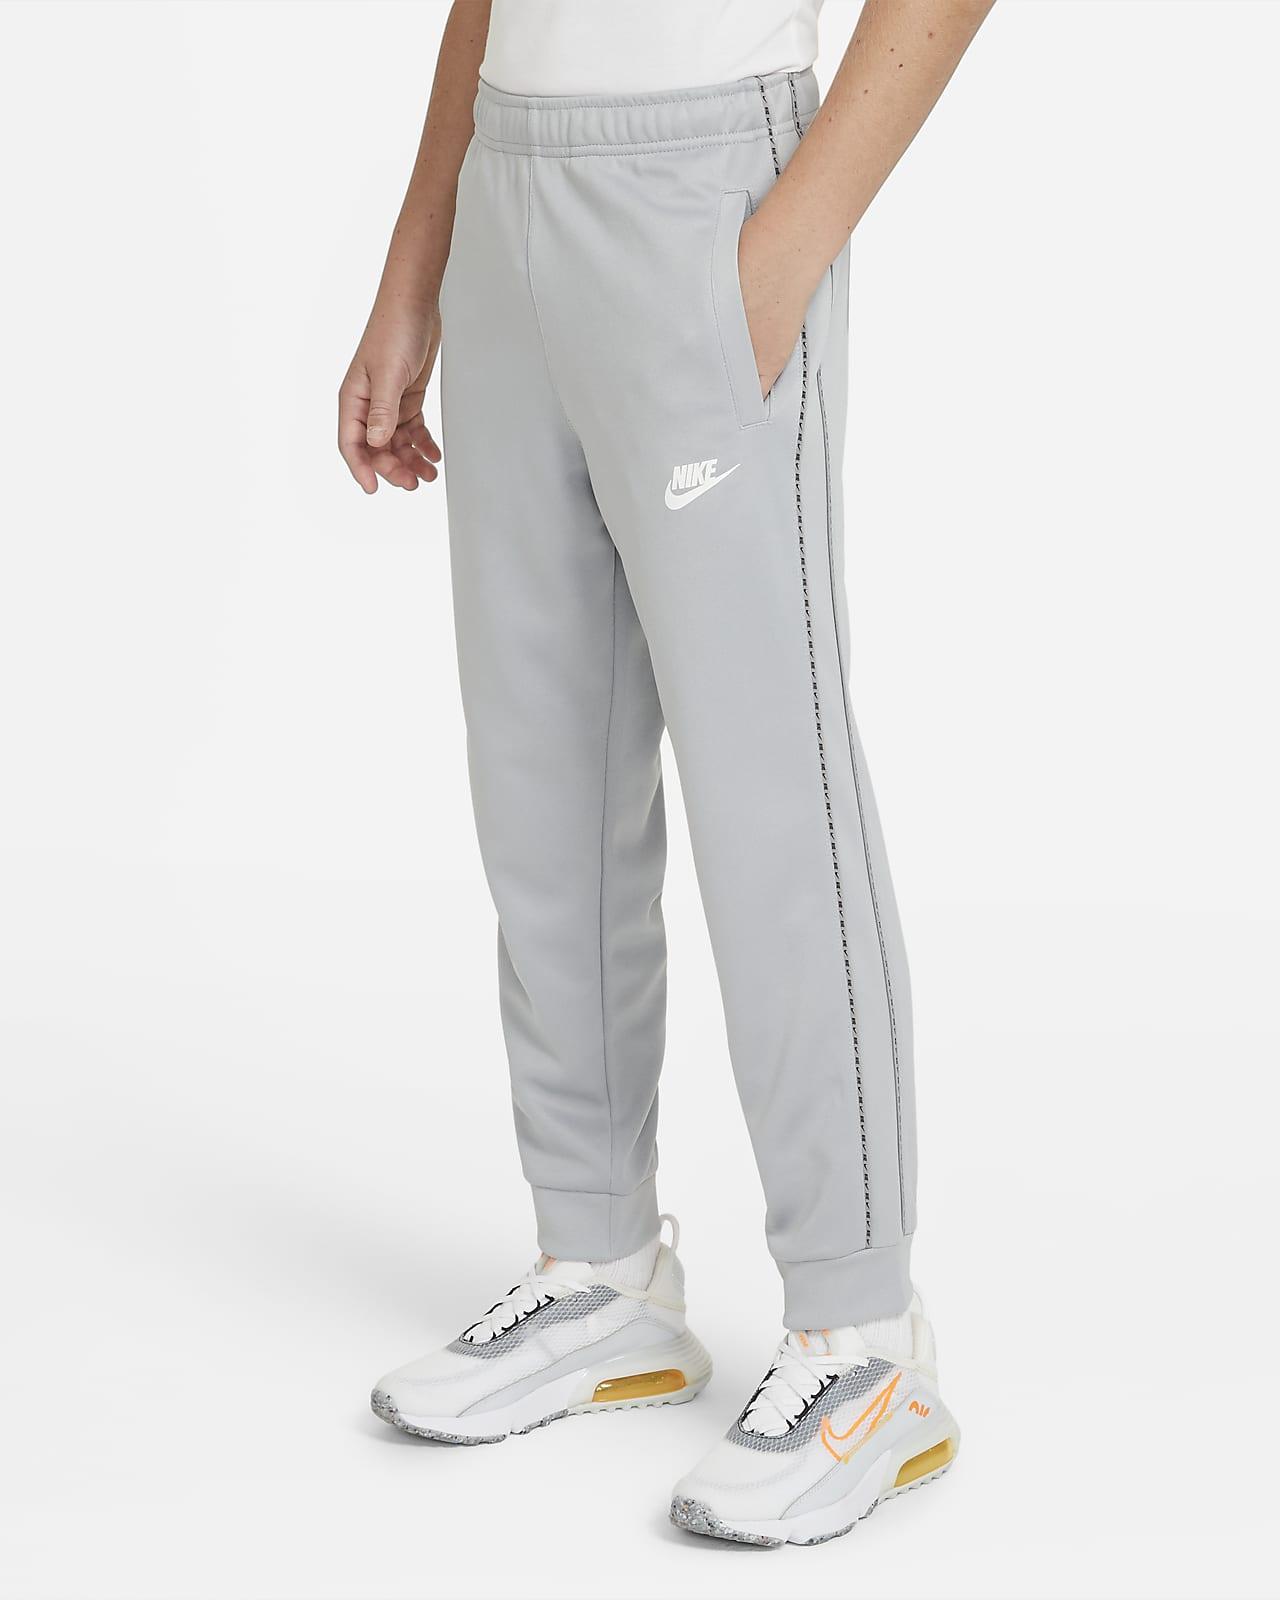 Běžecké kalhoty Nike Sportswear pro větší děti (chlapce)